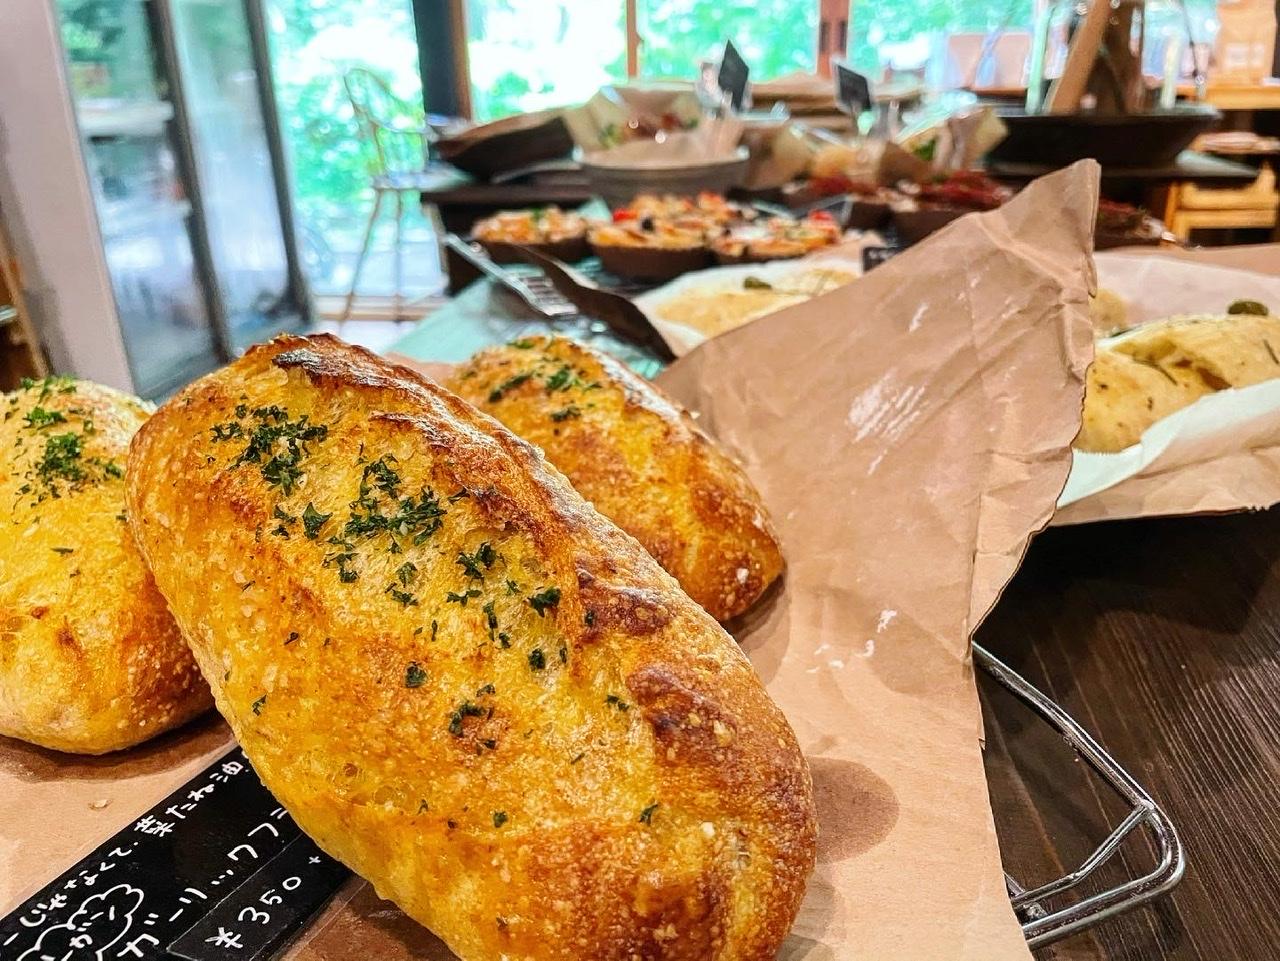 【森の中で見つけたパン屋】砂糖不使用・全て手作りの心と身体に優しいパン_3